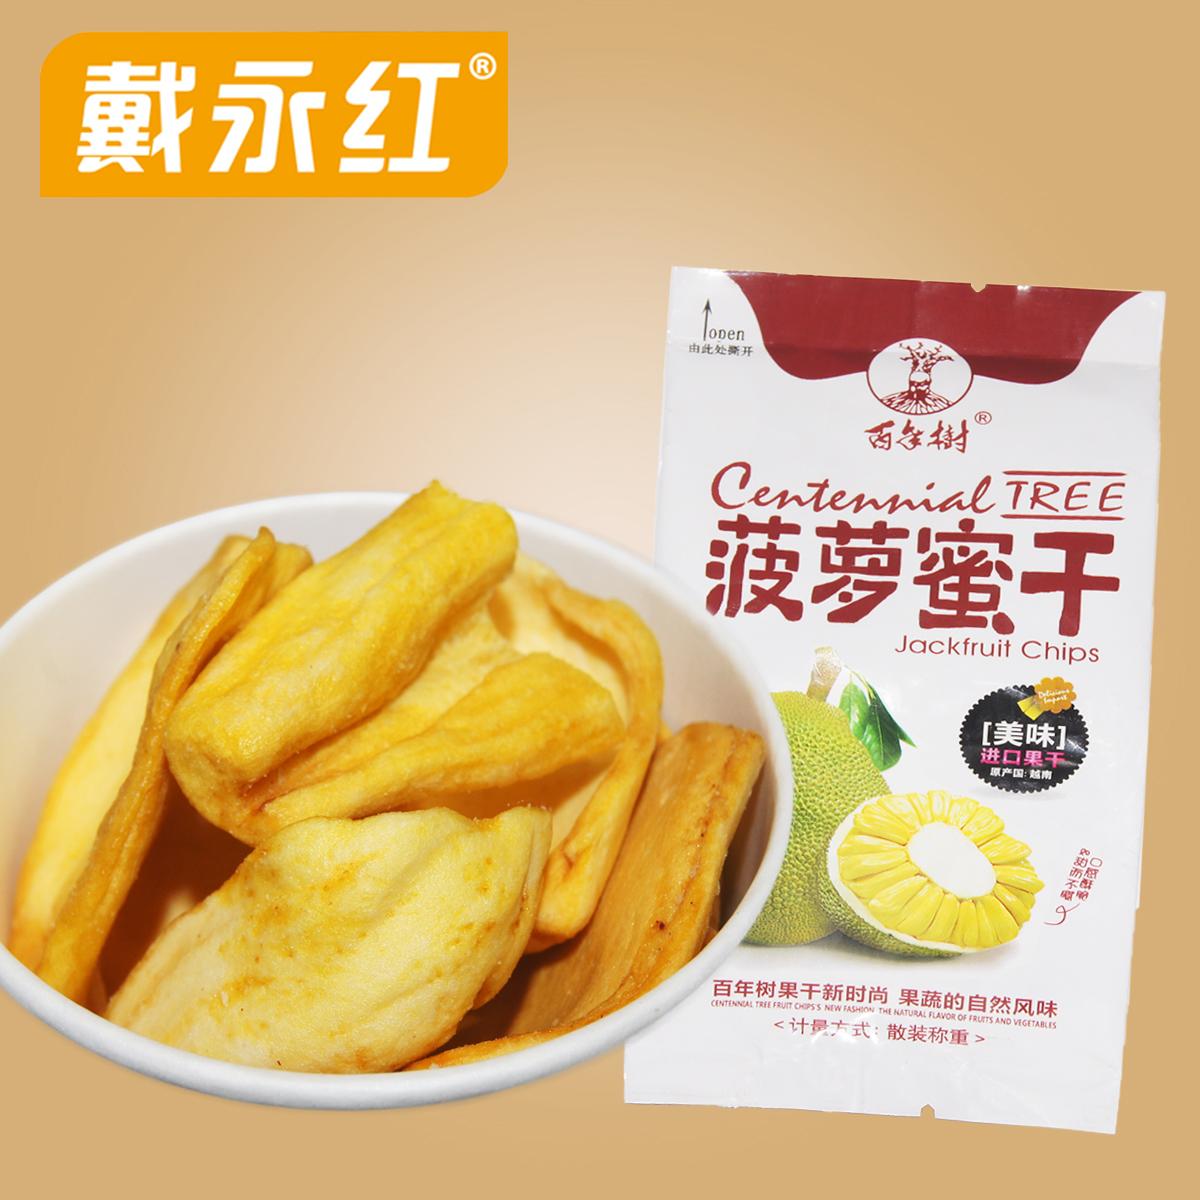 戴永红零食百年树菠萝蜜干果越南进口综合蔬果干水果干果脯小零食